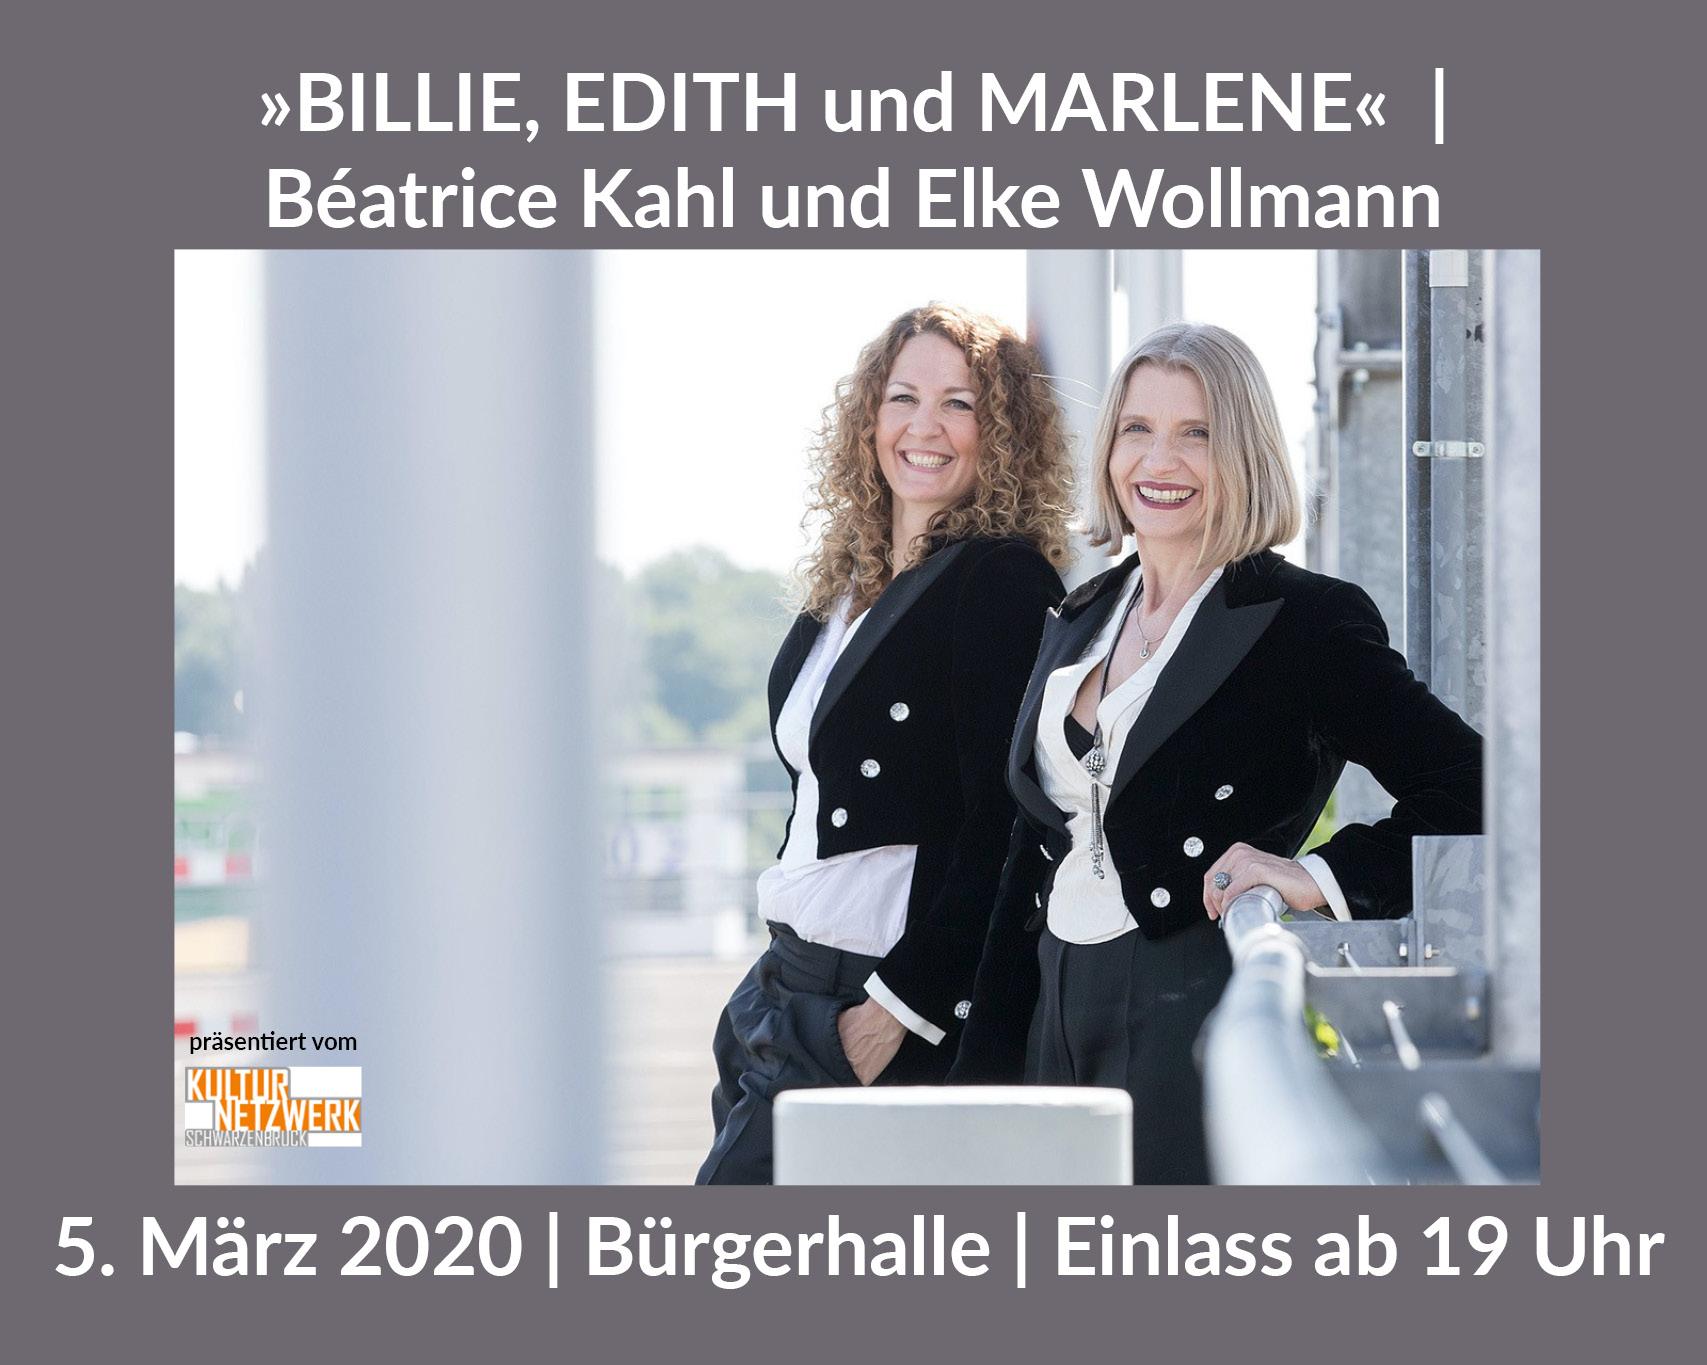 Eine Liebeserklärung in der Bürgerhalle in Schwarzenbruck – am 5. März